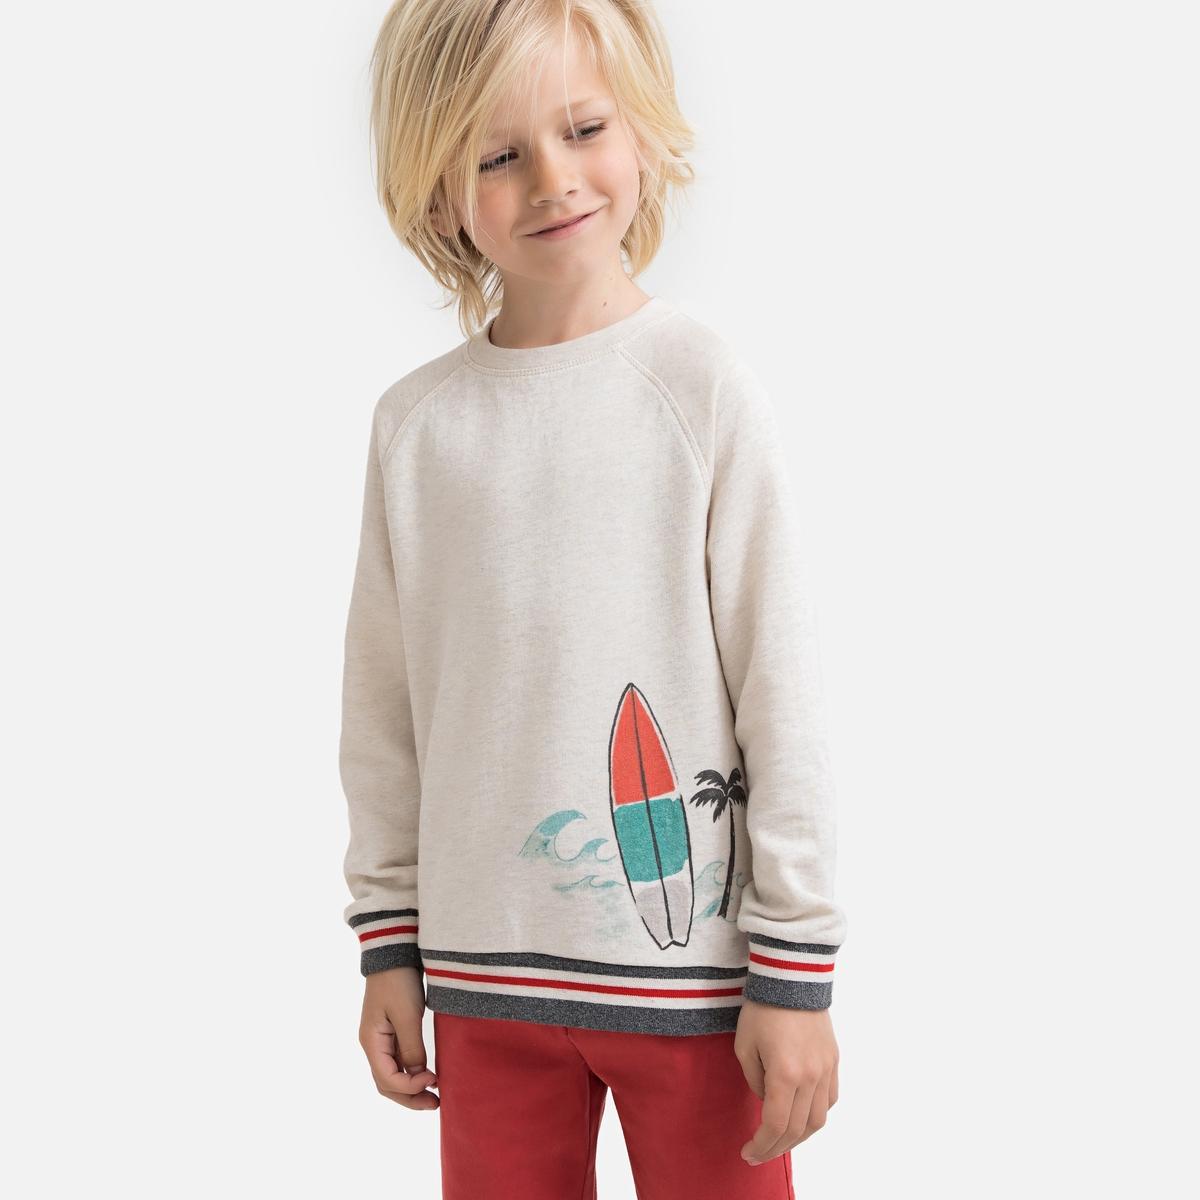 Свитшот La Redoute С круглым вырезом из мольтона 3 года - 94 см бежевый футболка la redoute с круглым вырезом и принтом спереди 3 года 94 см серый